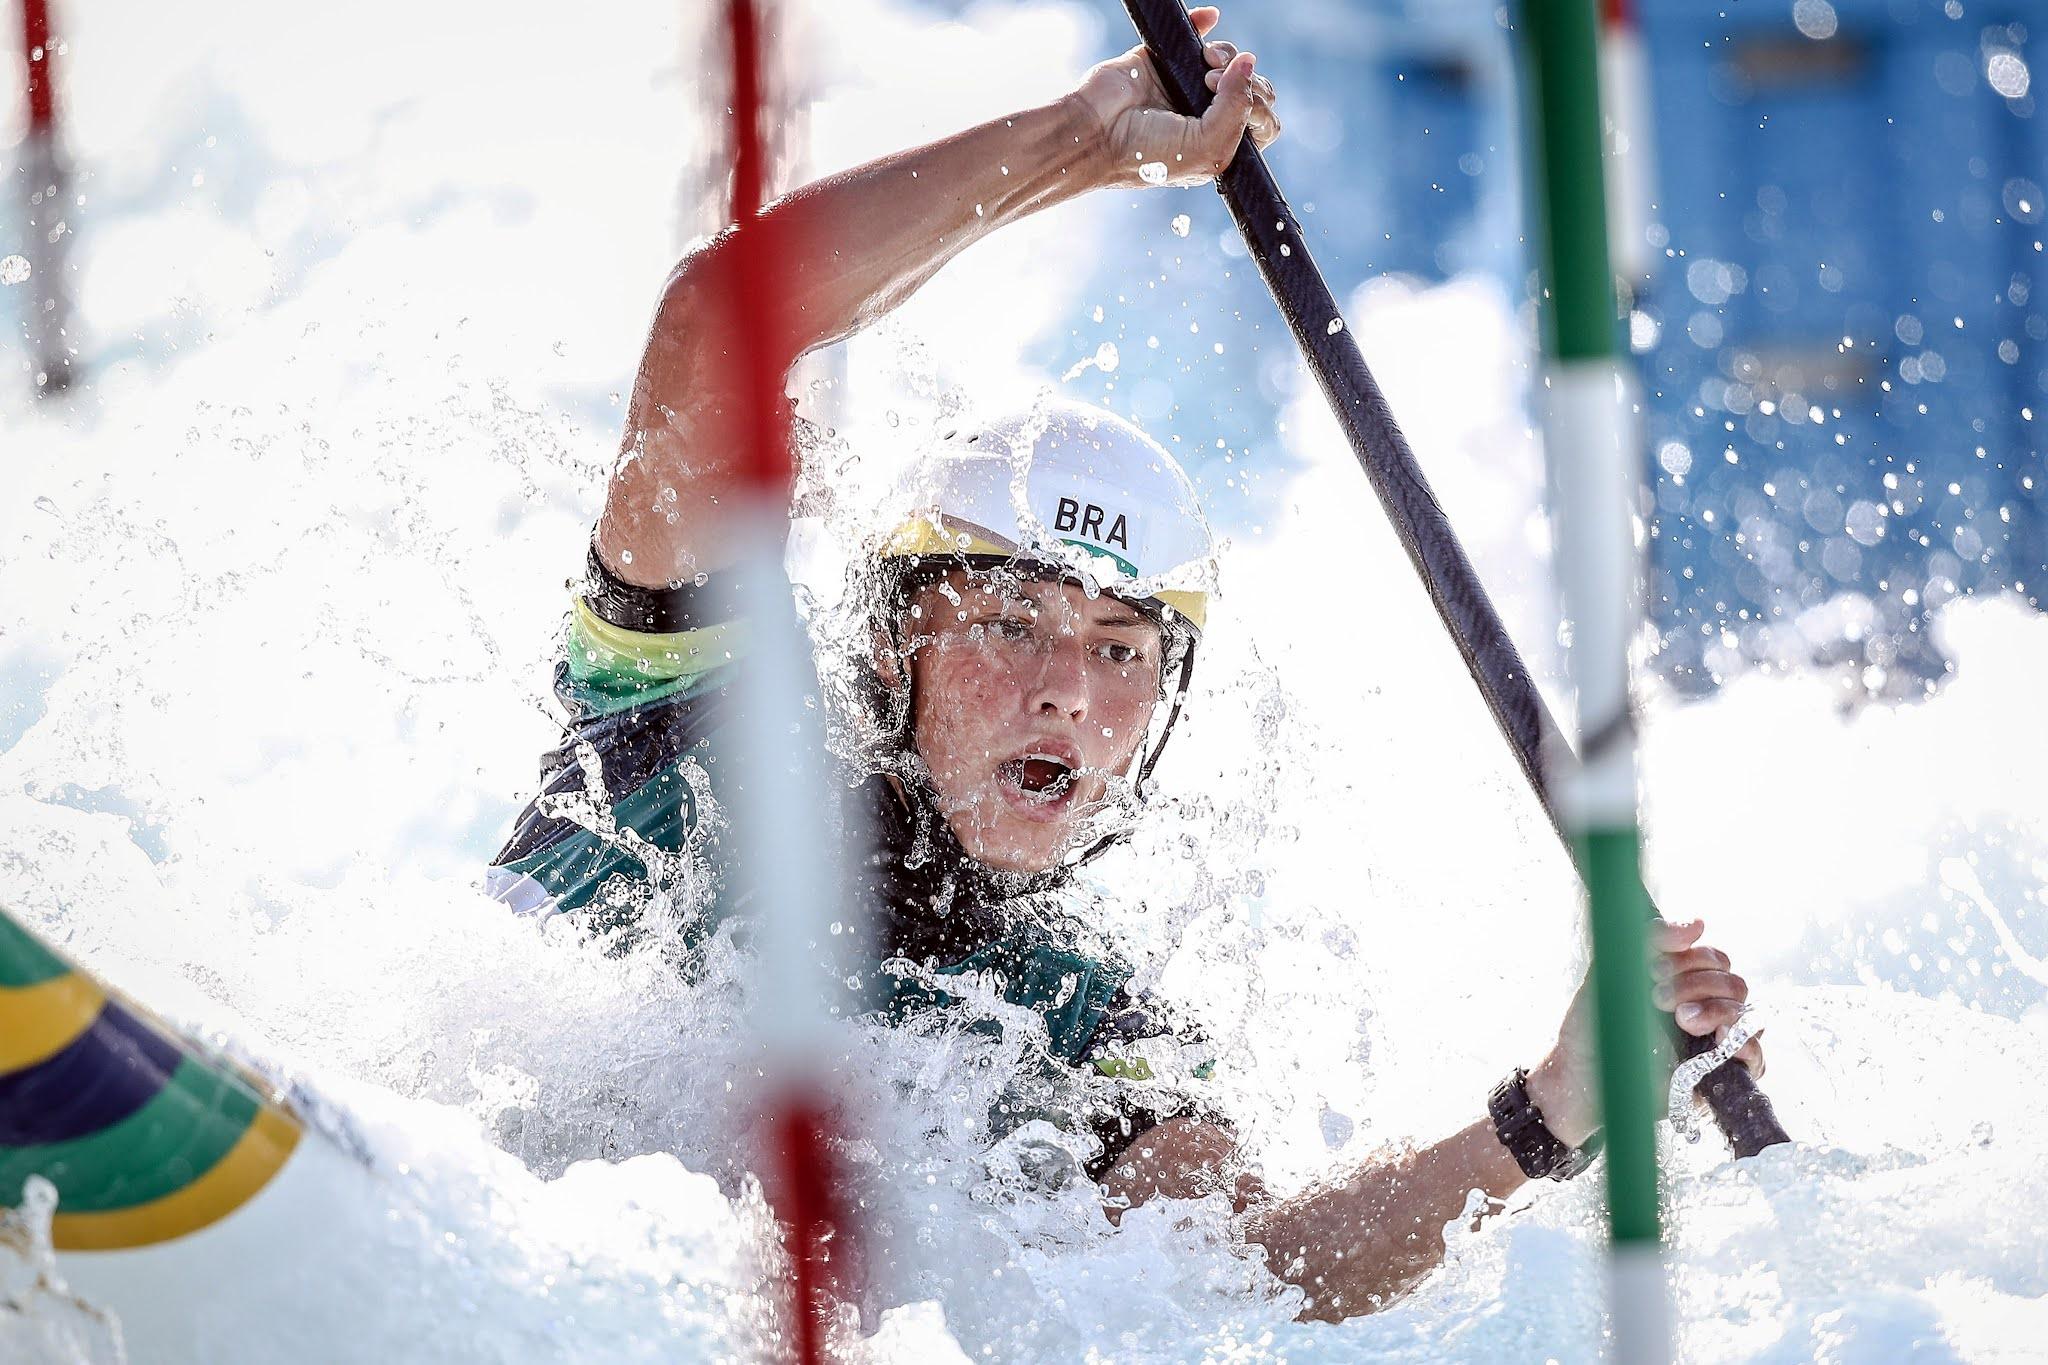 Ana Sátila competindo na canoagem slalom; ela está entre portas, com o remo na mão, de capacete, e com a água cobrindo a foto